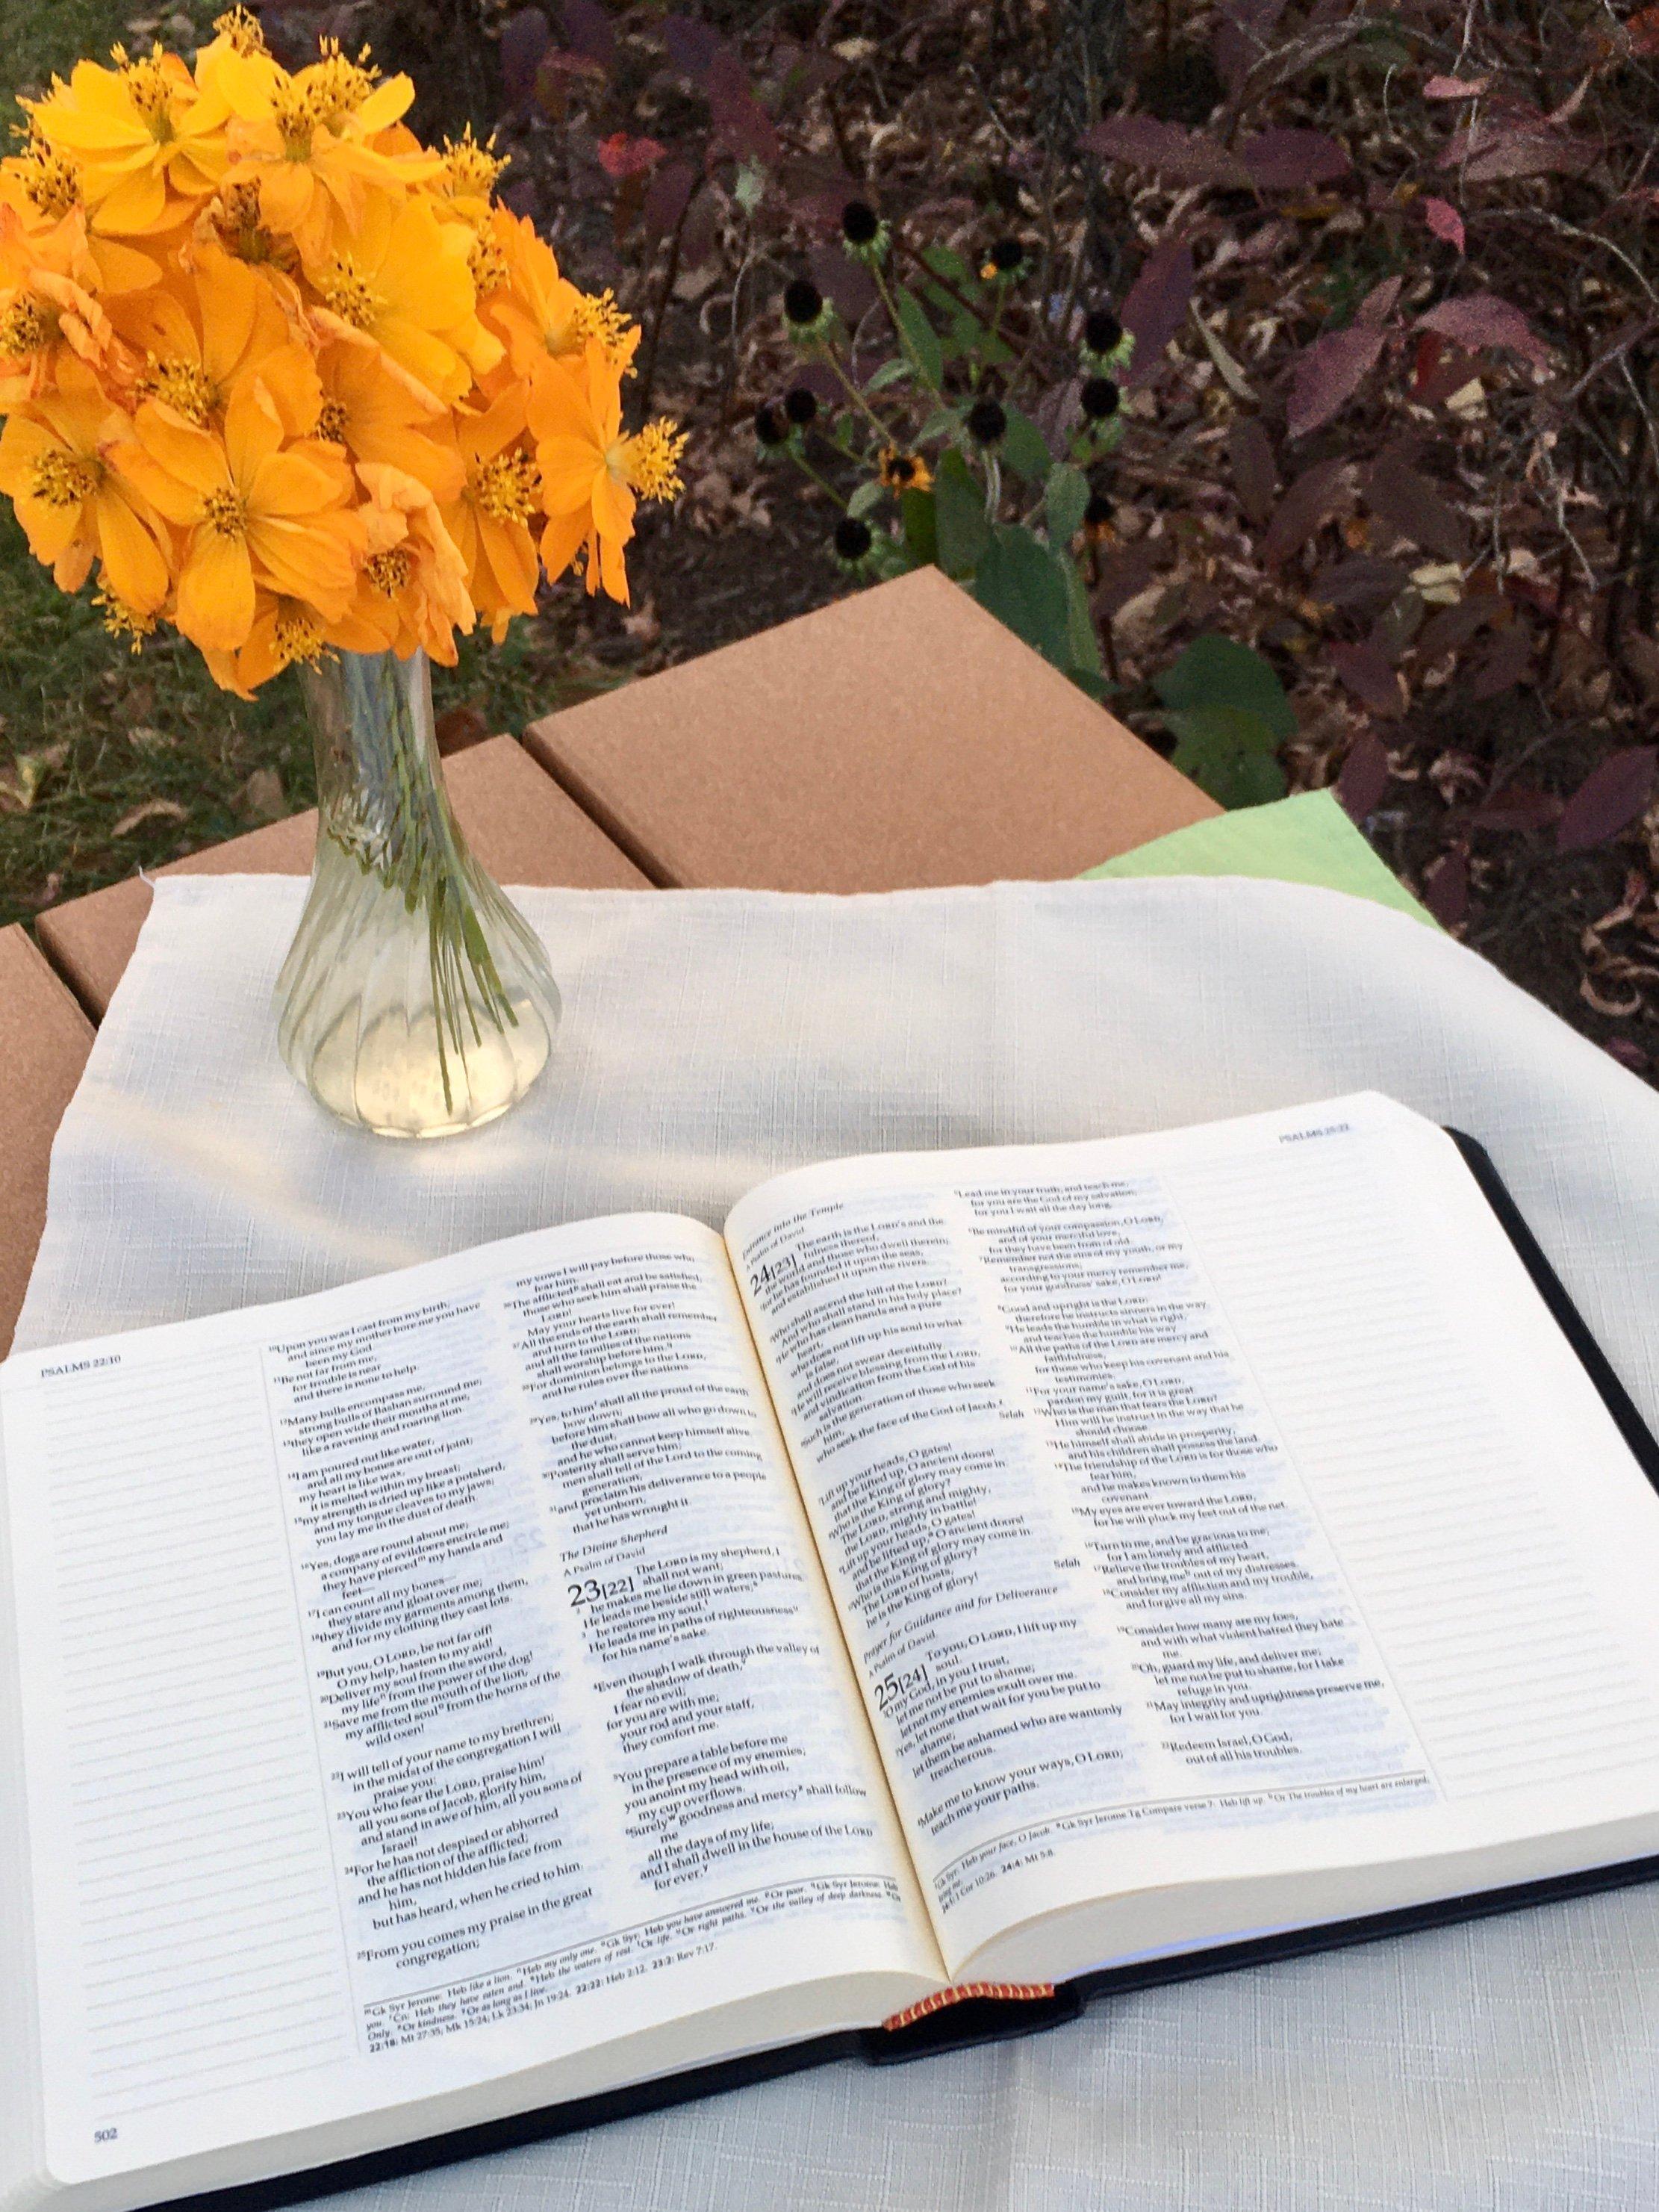 2020 1117 CAstfalk Ignatius Bible Interior